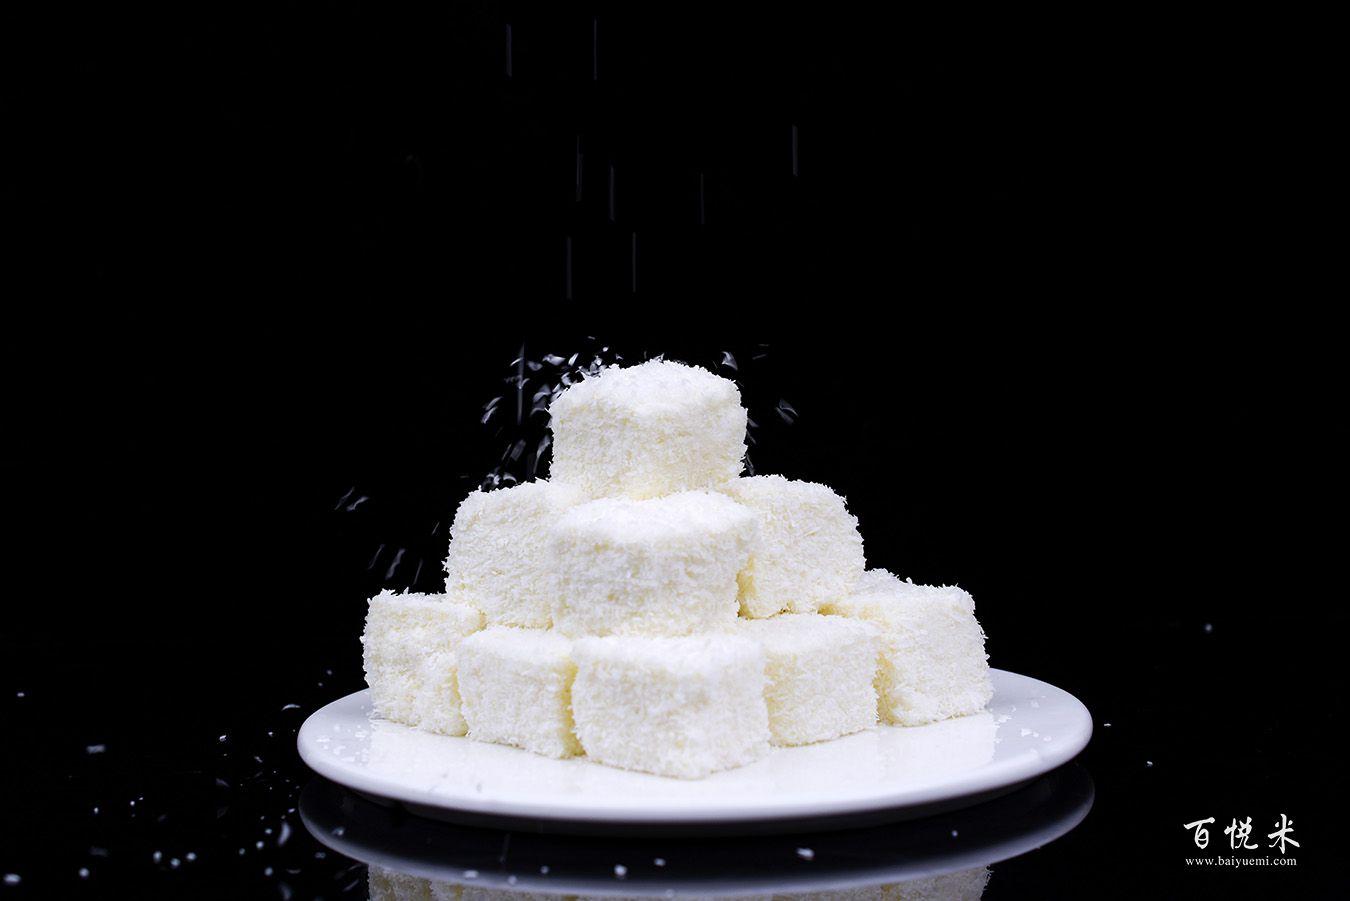 椰蓉牛奶小方高清图片大全【蛋糕图片】_1024